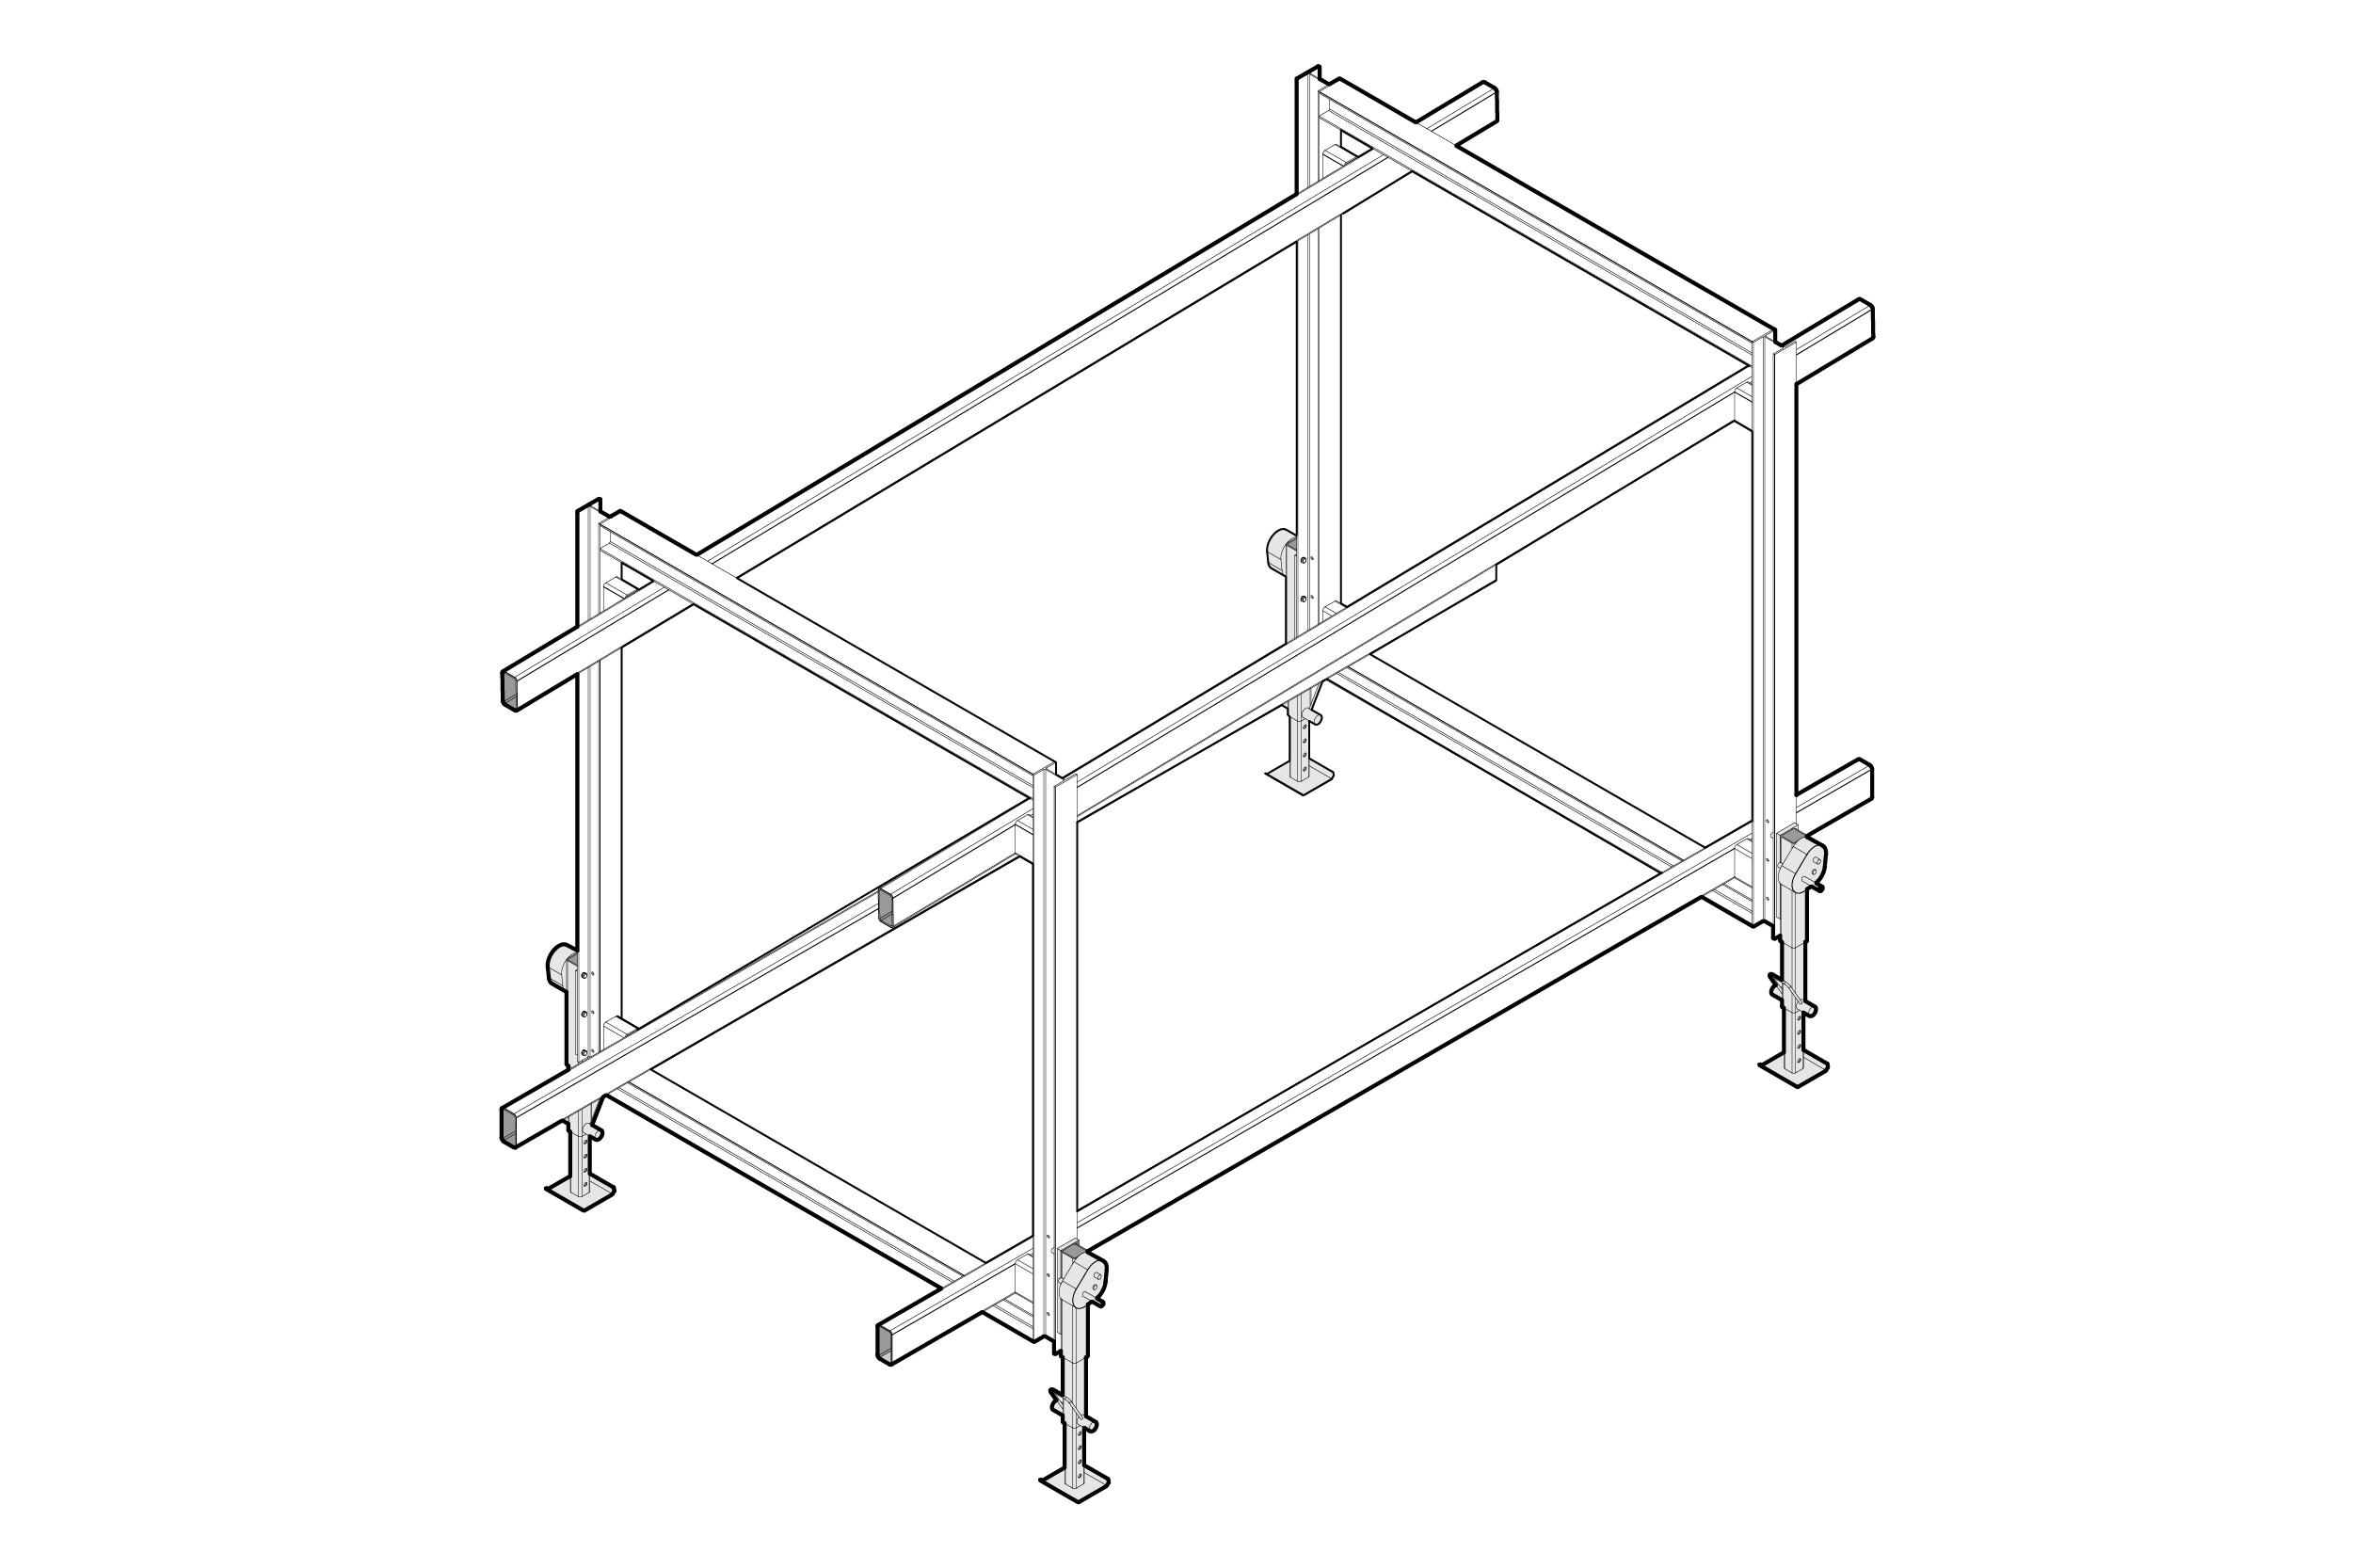 goCstudio_R6 Cabins_Structure.jpg